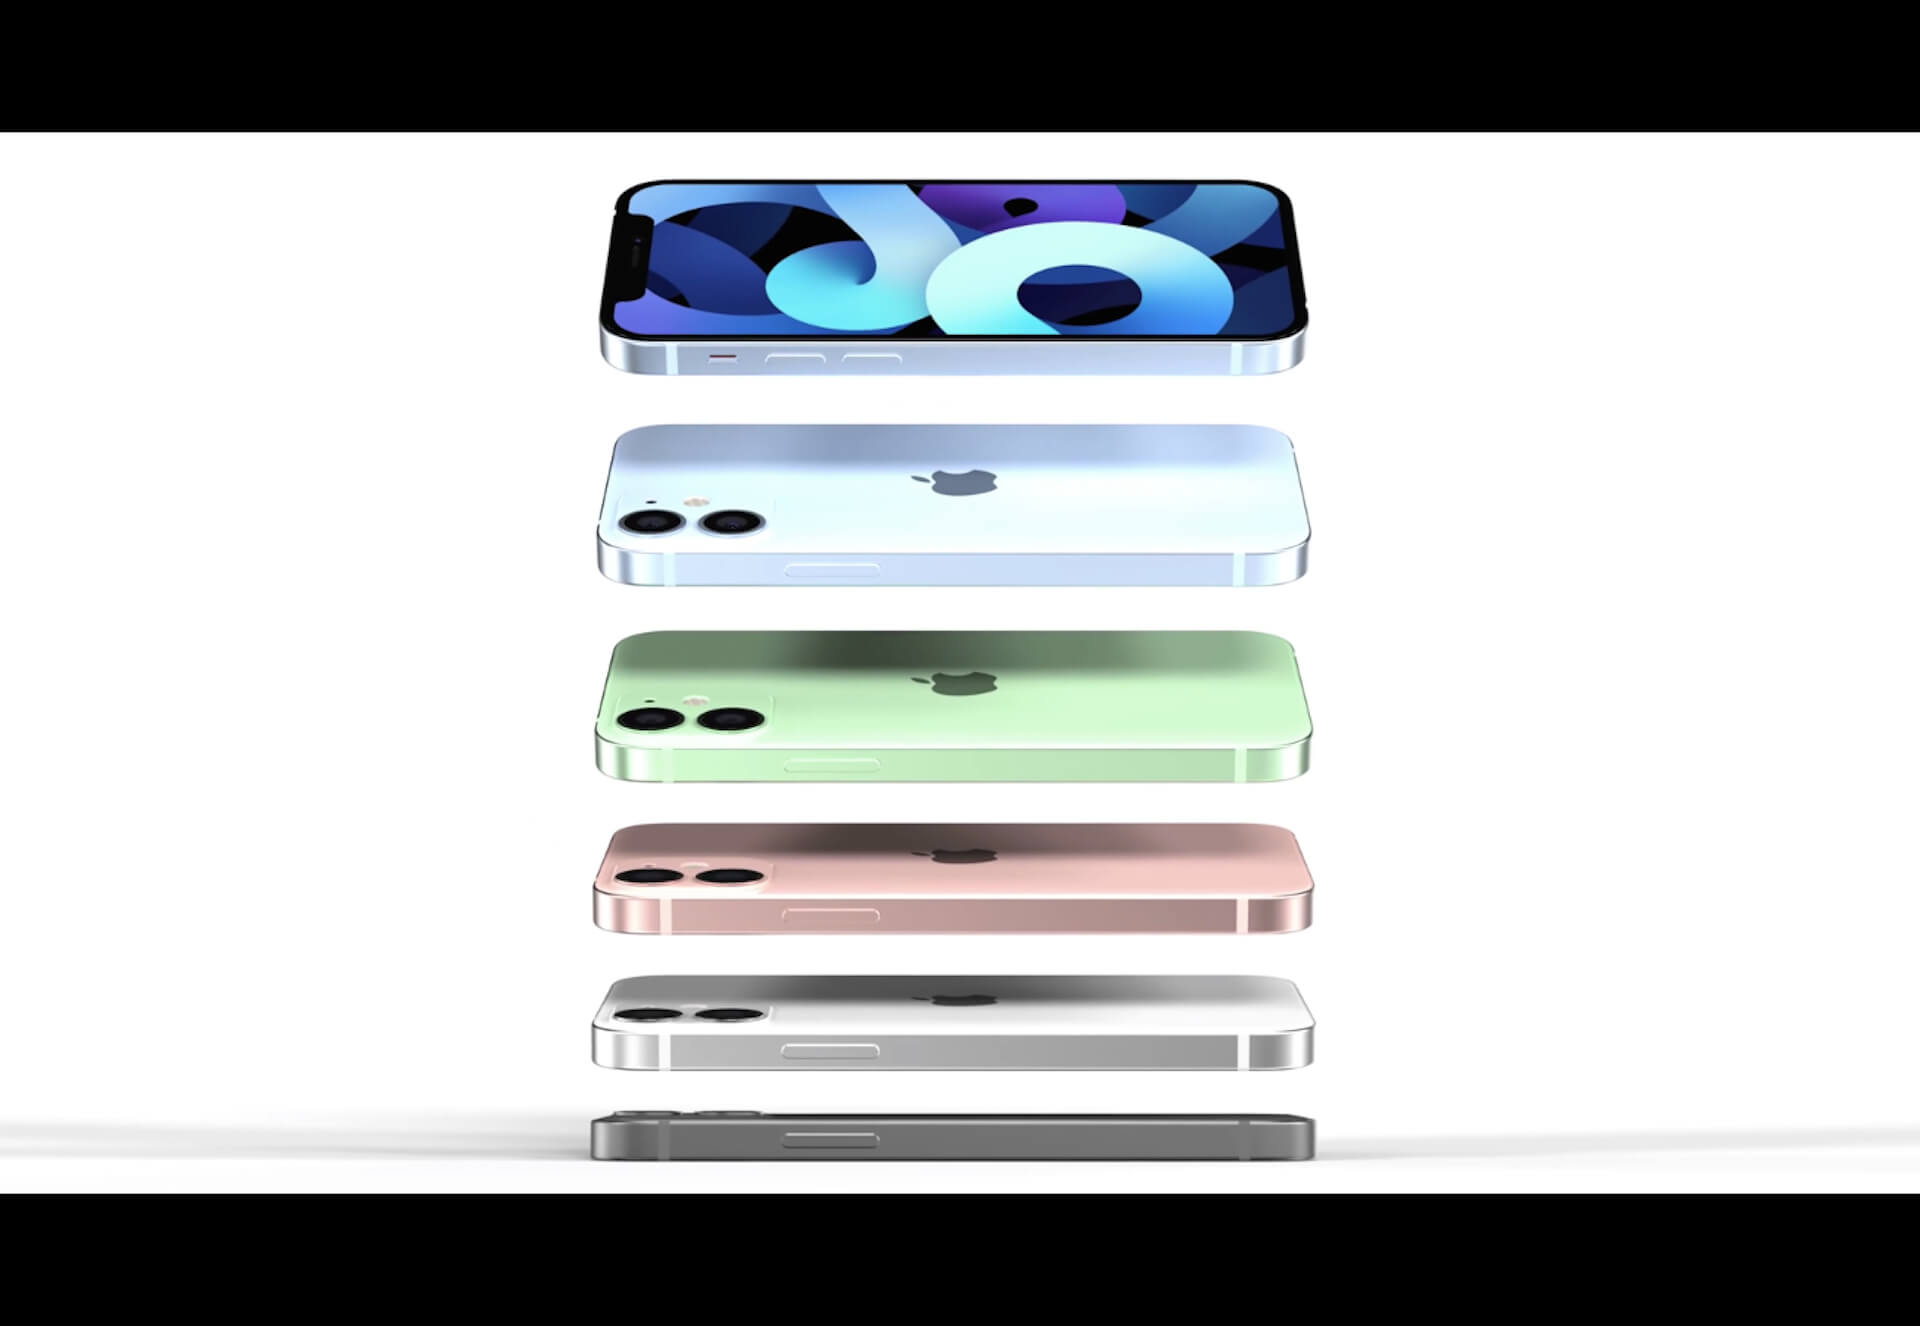 iPhone 12シリーズの発表イベントの詳細がついに判明!?新型HomePodも登場か tech201006_iphone12_main